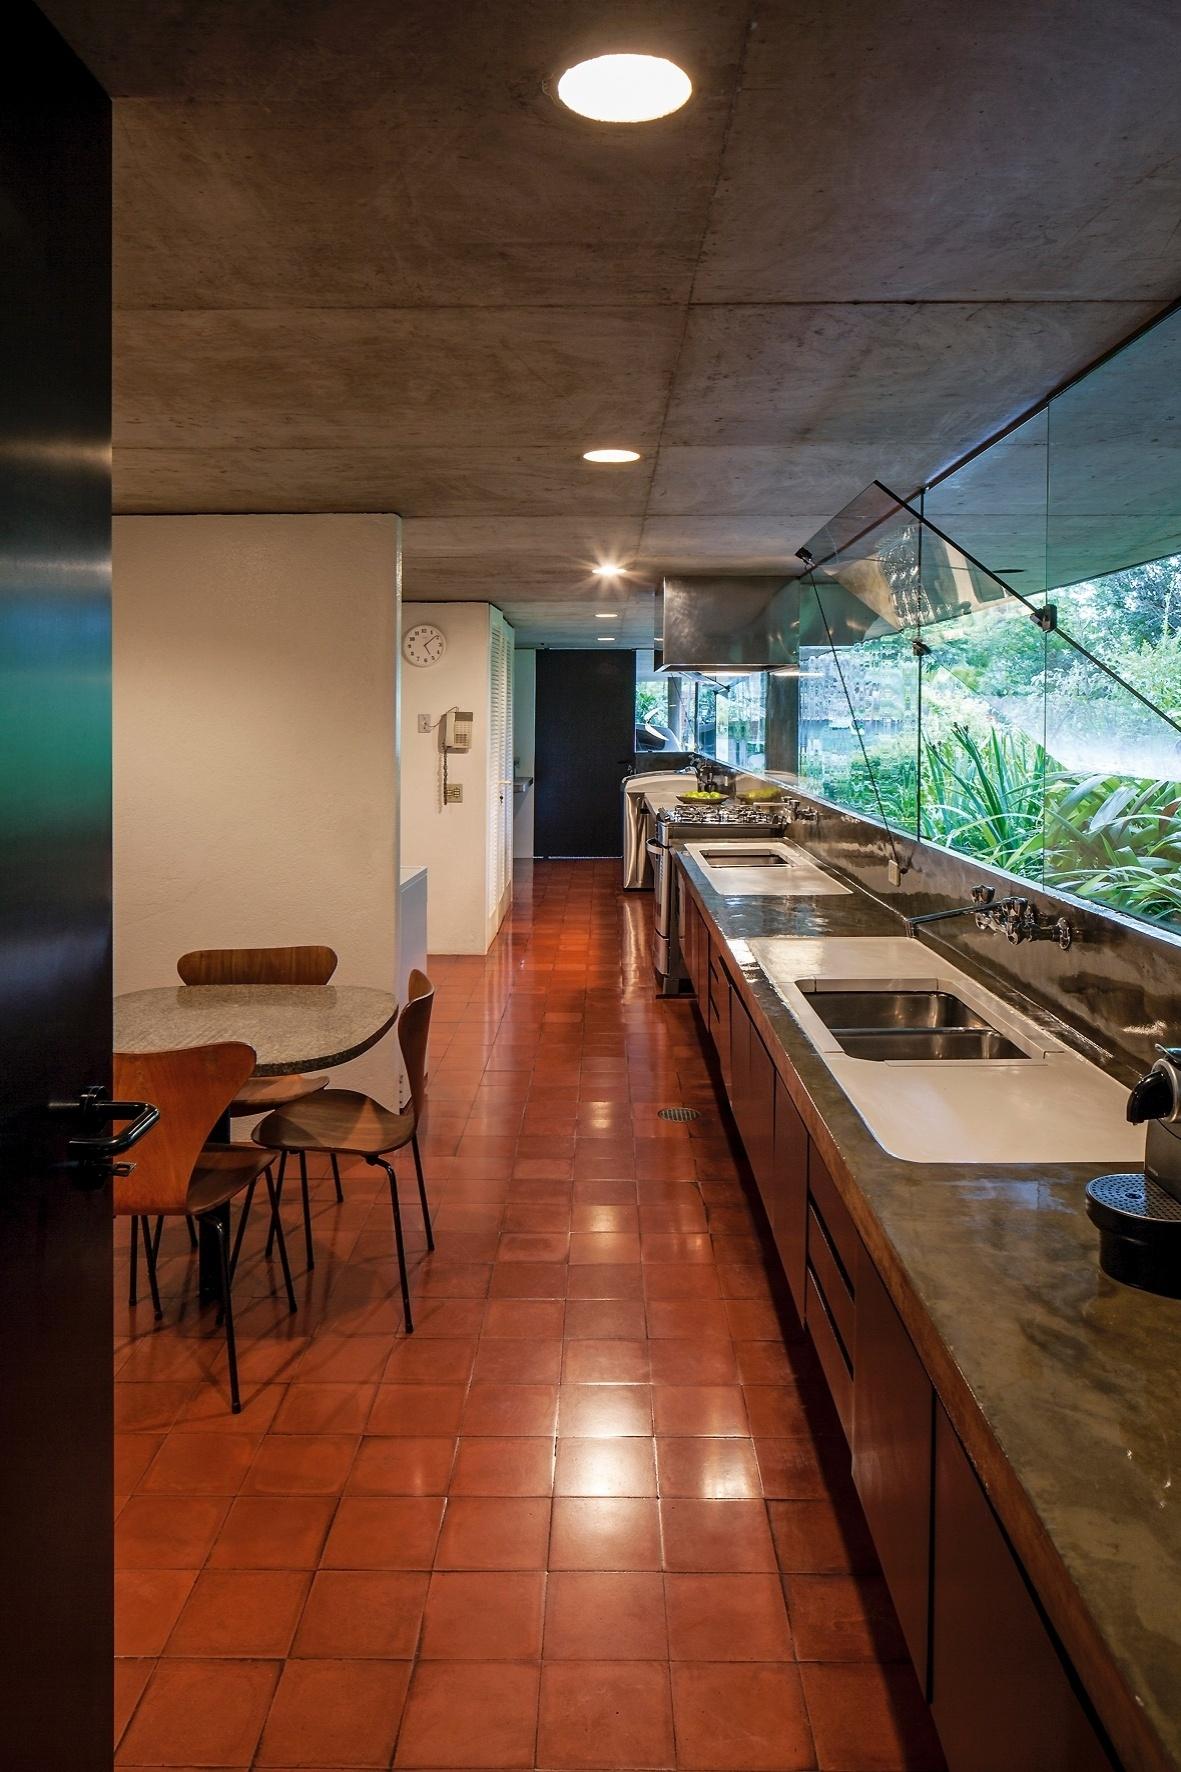 A arquiteta Marlene Milan Acayaba desenhou o mobiliário de cozinha da Casa Milan. O espaço conta com fita de janelas basculantes em vidro, bancada em concreto polido, brilhante, formando uma linha de corredor que chega à porta de acesso direto para a garagem, nos fundos